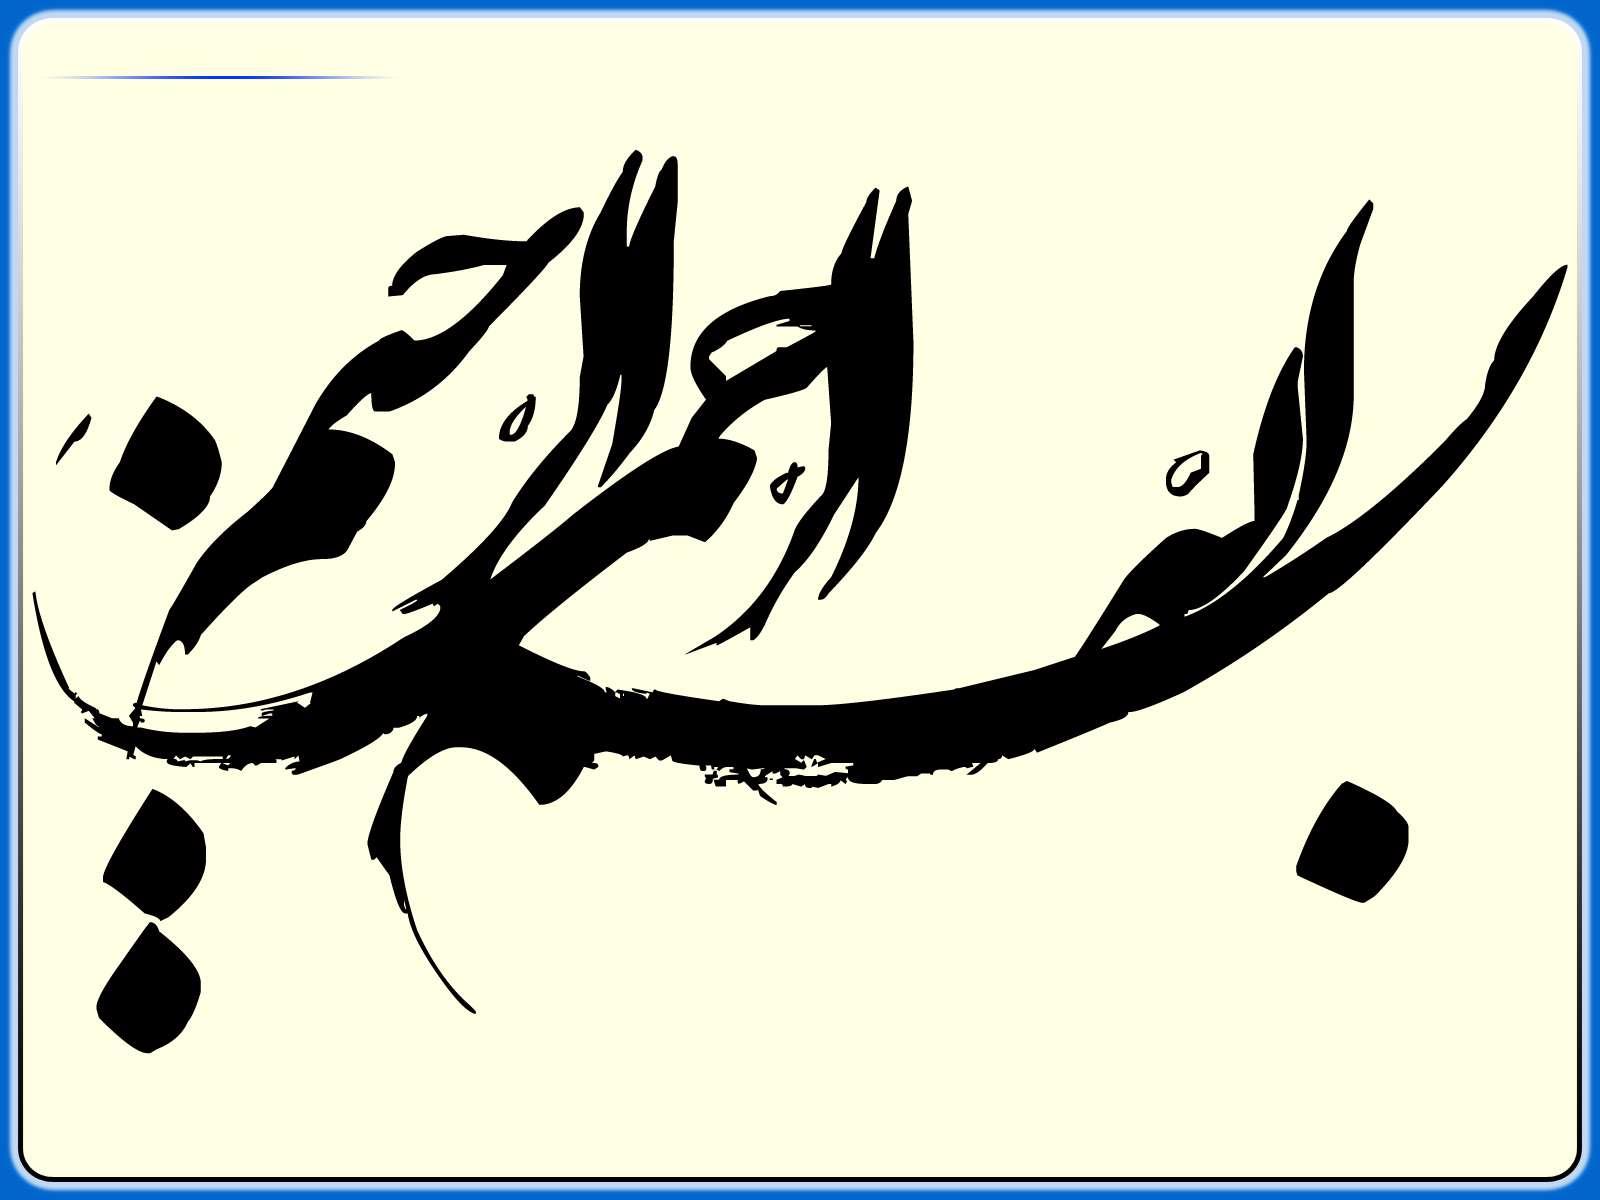 سه طرح آماده خوشنویسی با موضوع بسم الله شماره سوم